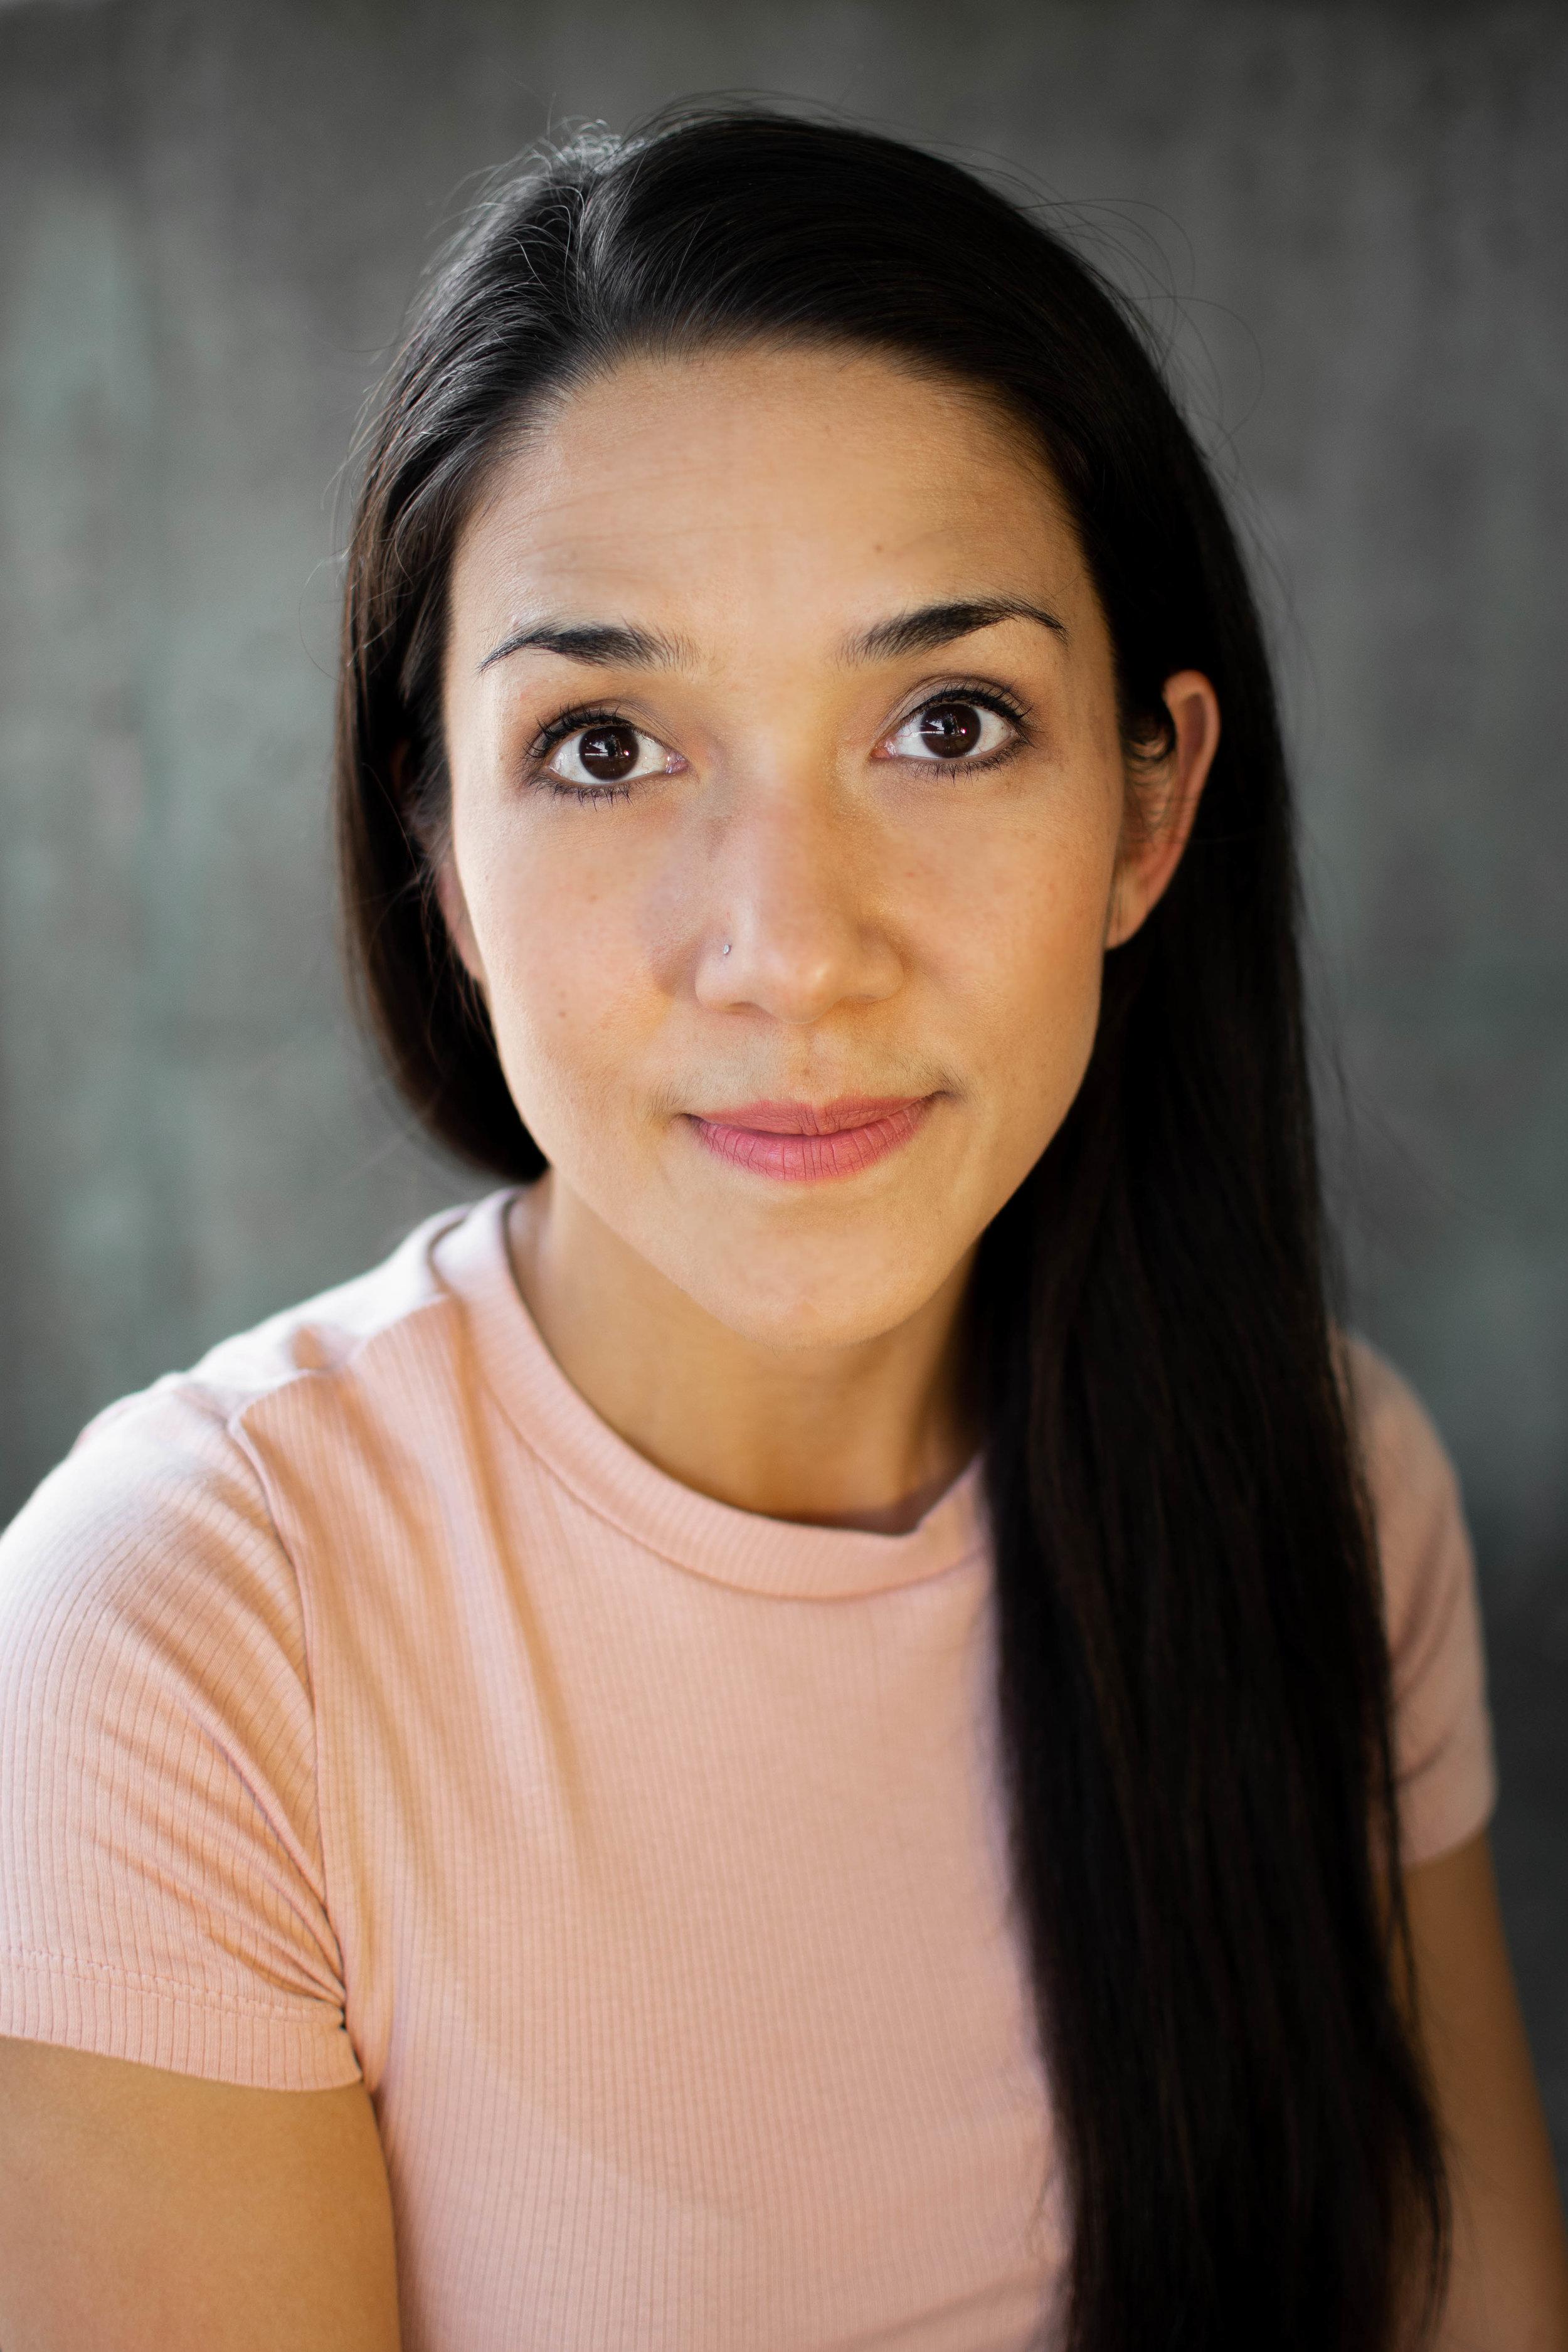 Rachel Van Buskirk